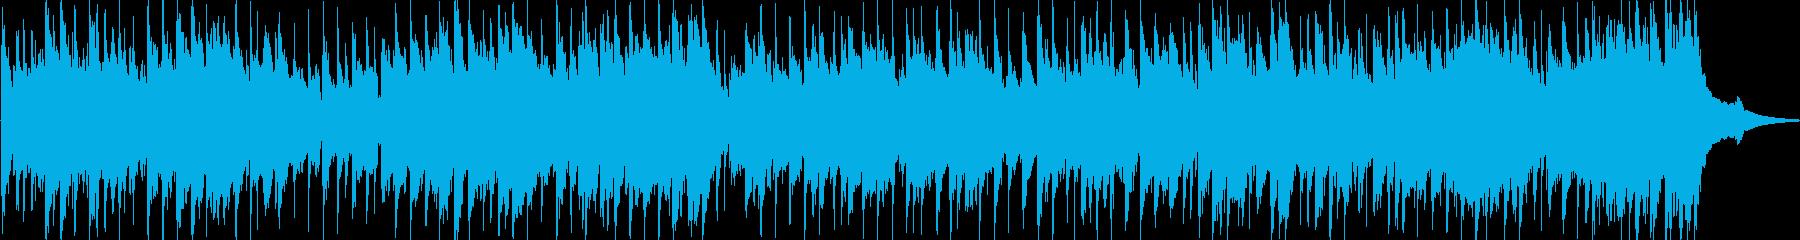 サックスが奏でる都会的なポップバラードの再生済みの波形